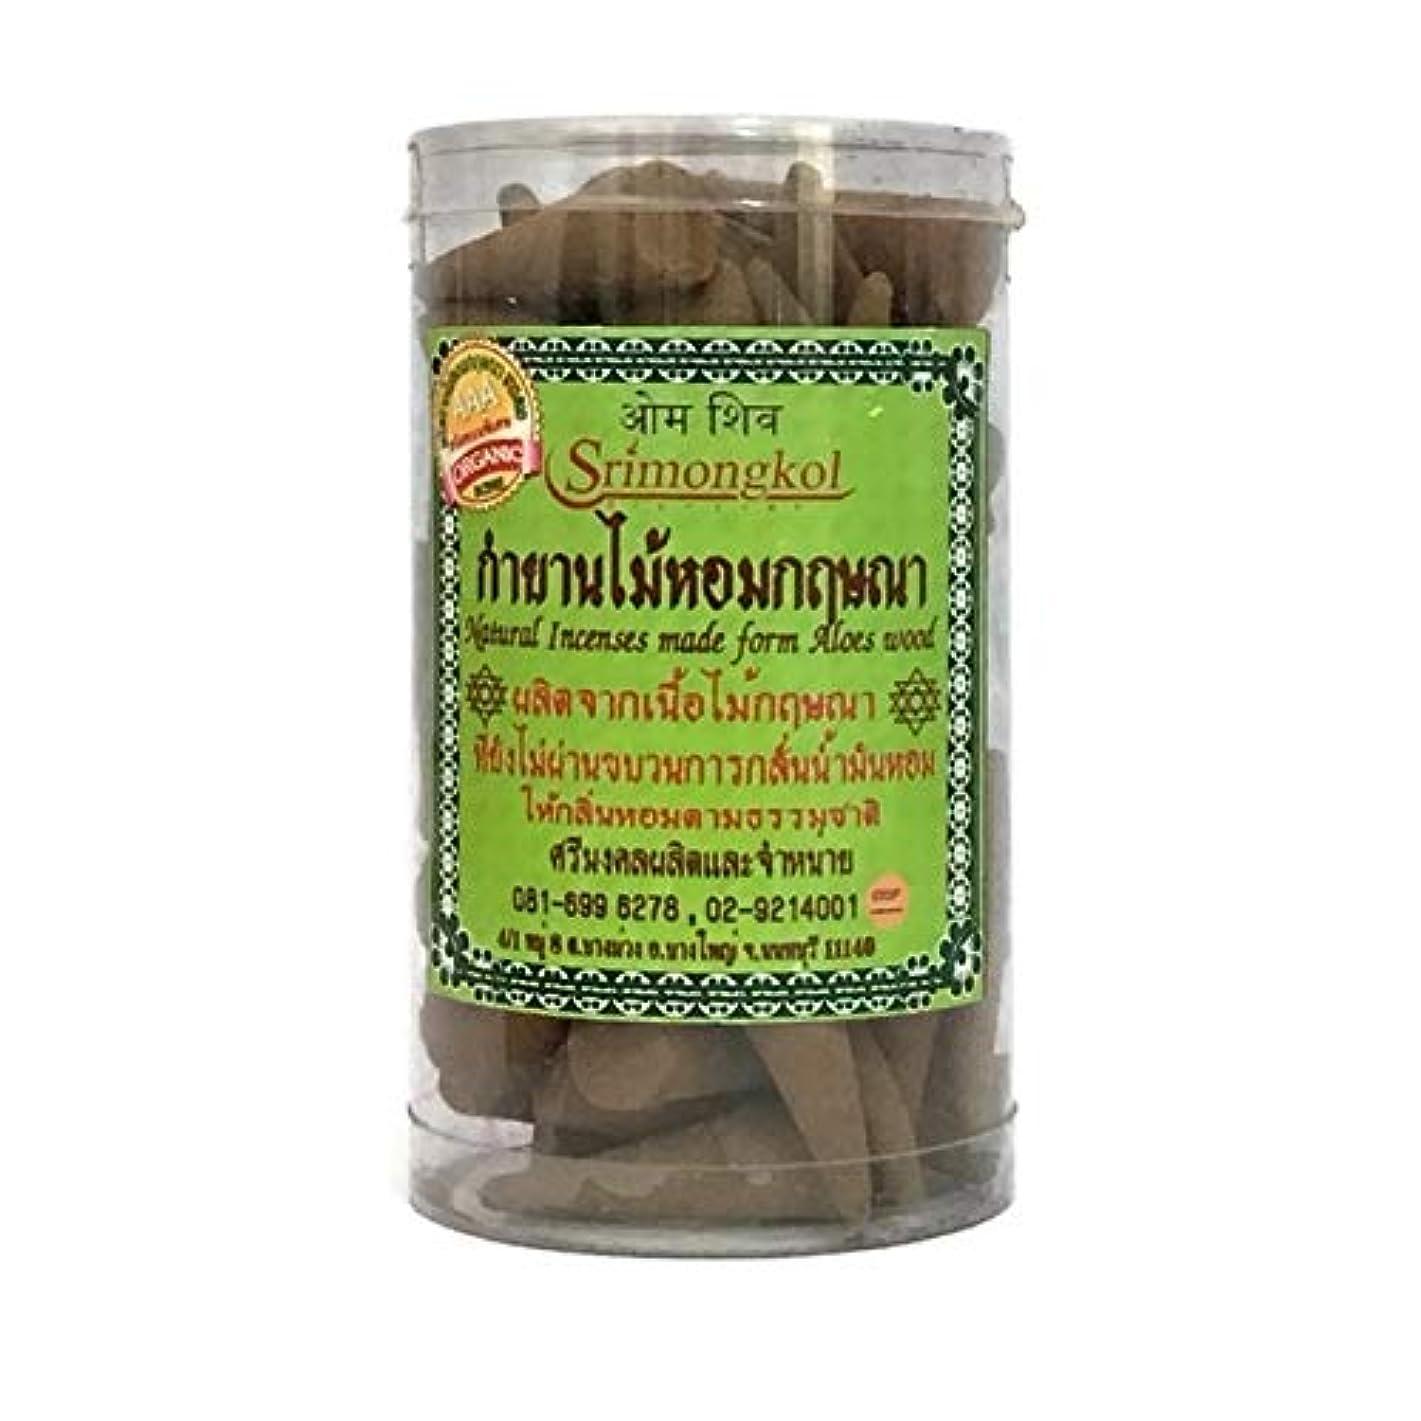 講堂法律ラッチSrimongkol Agarwood Natural Incense Cones 200 Grams Grade AAA Organic (No Chemical :::Srimongkol Agarwoodナチュラル...